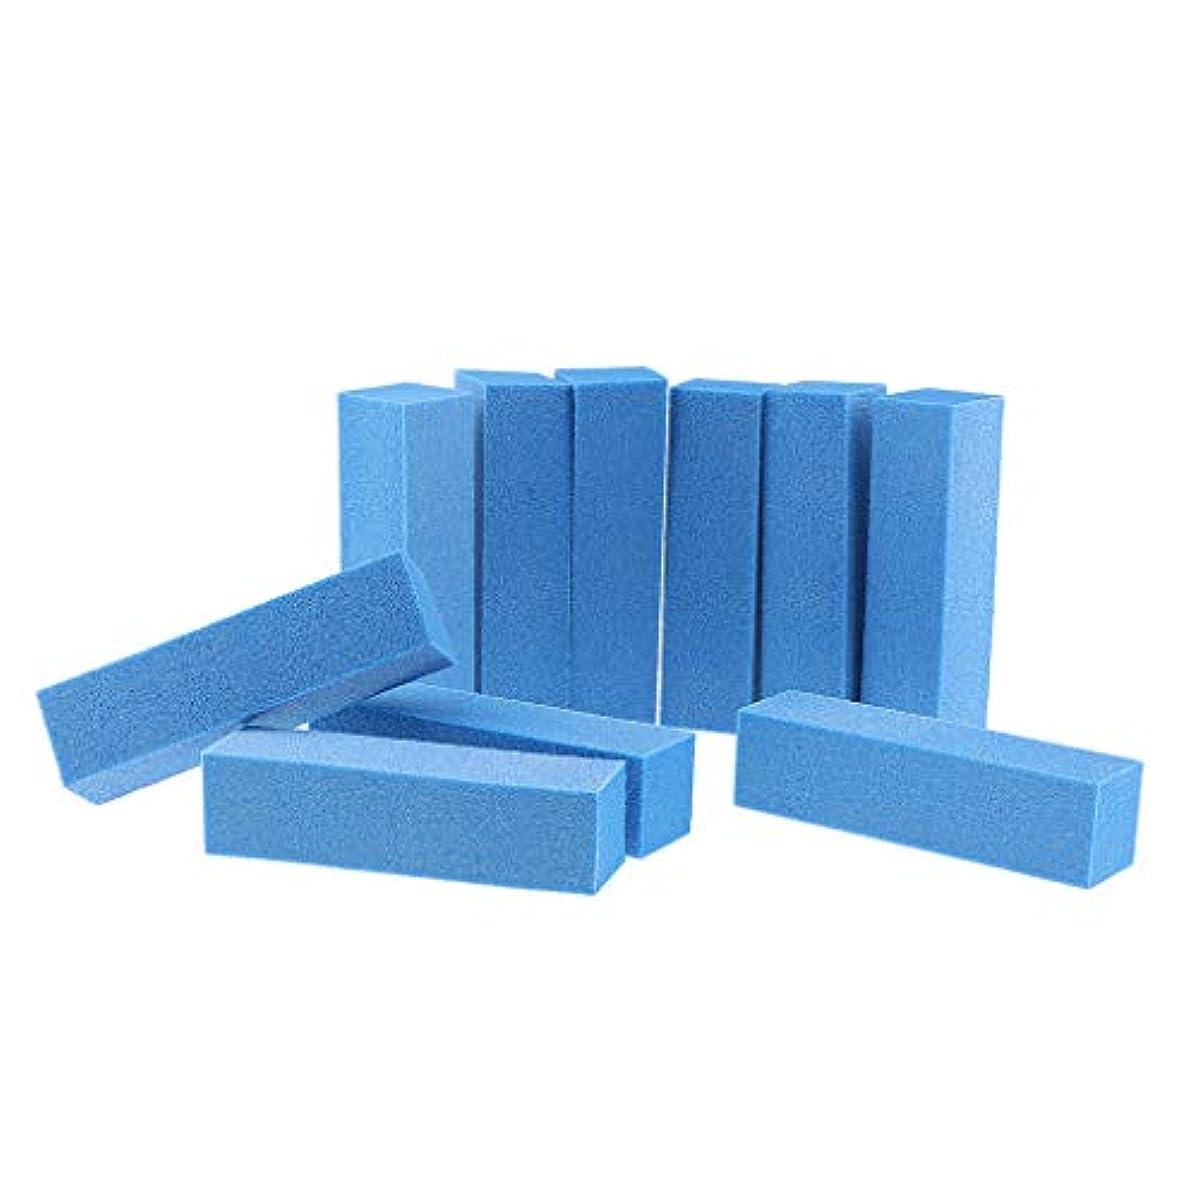 約束する弱まるトライアスリートToygogo 10PCSネイルアートケアバッファーバフ研磨サンディングブロックファイルグリットアクリルマニキュアツール-プロフェッショナルサロン使用または家庭用